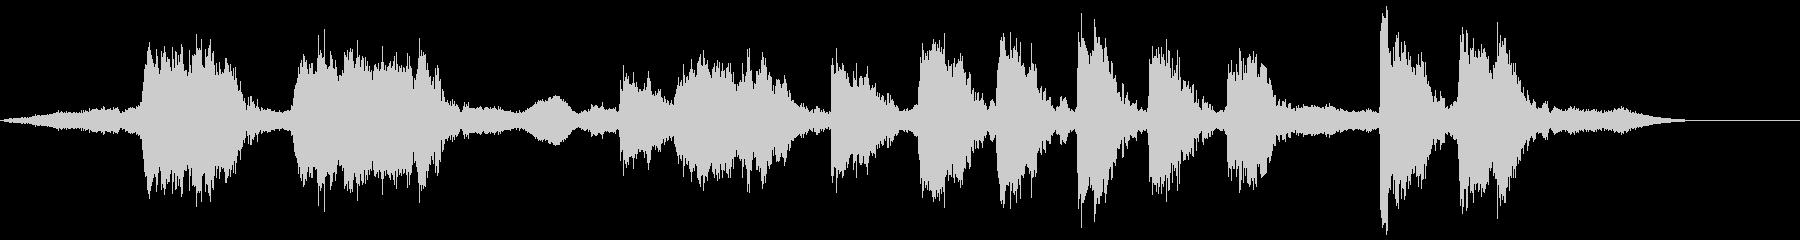 キュイーーンキュイーーンギリギリの未再生の波形